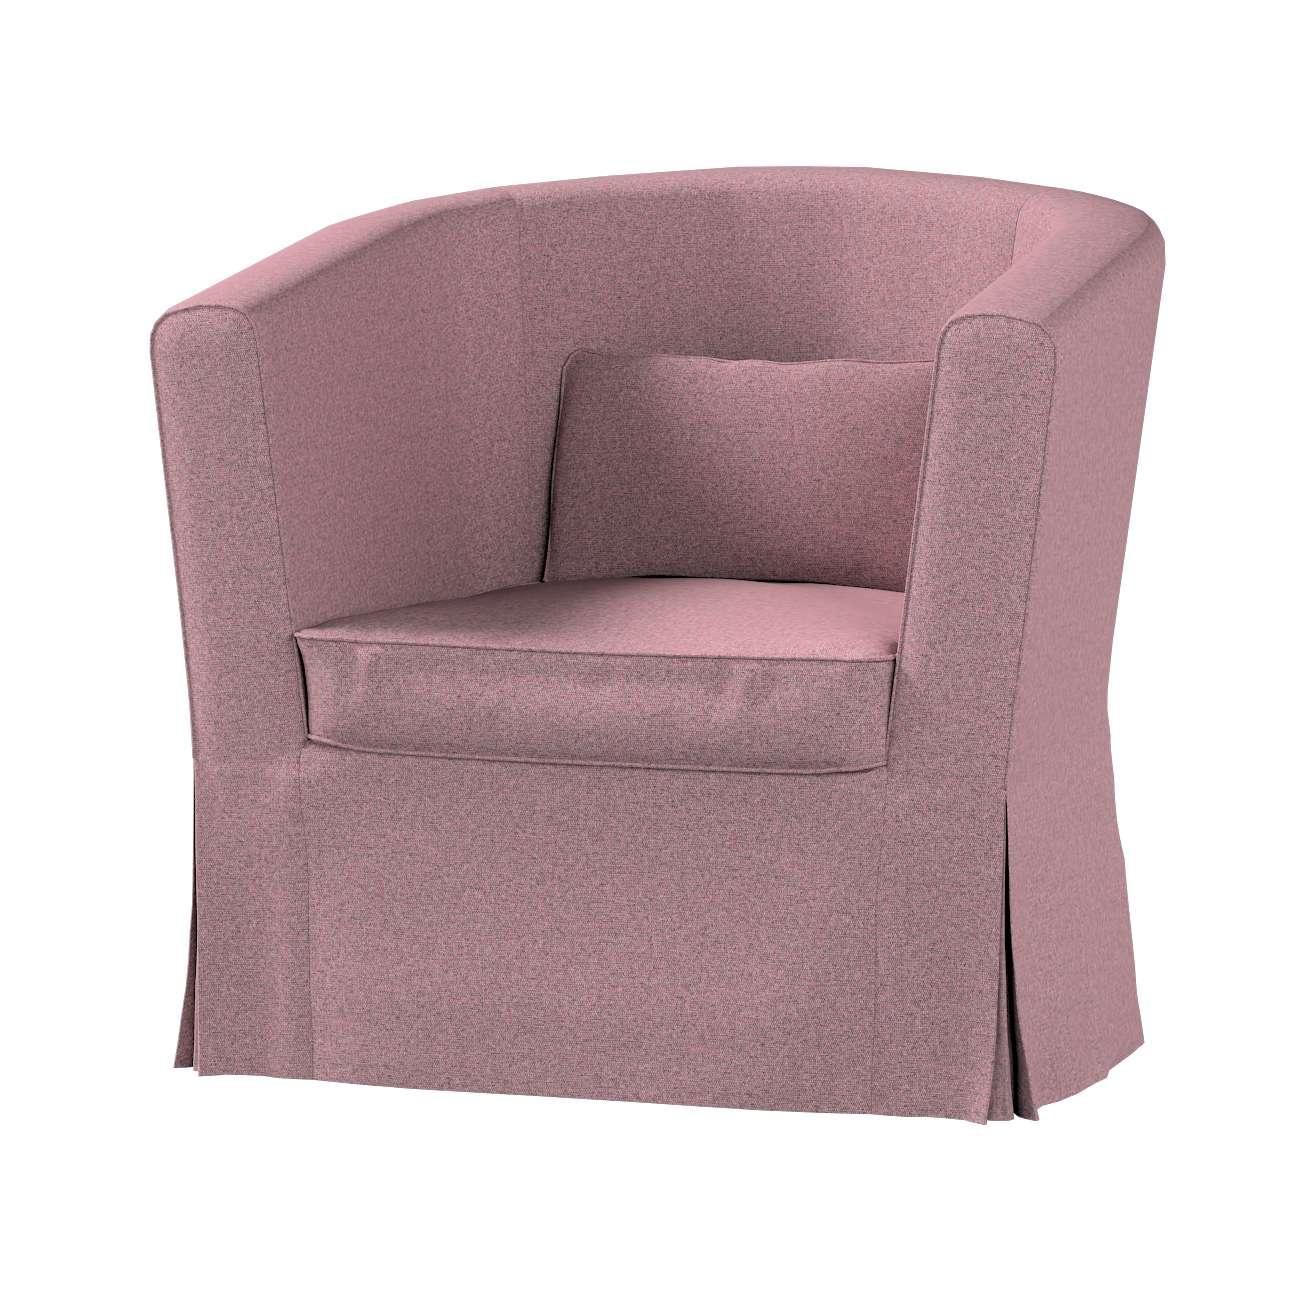 Bezug für Ektorp Tullsta Sessel von der Kollektion Amsterdam, Stoff: 704-48